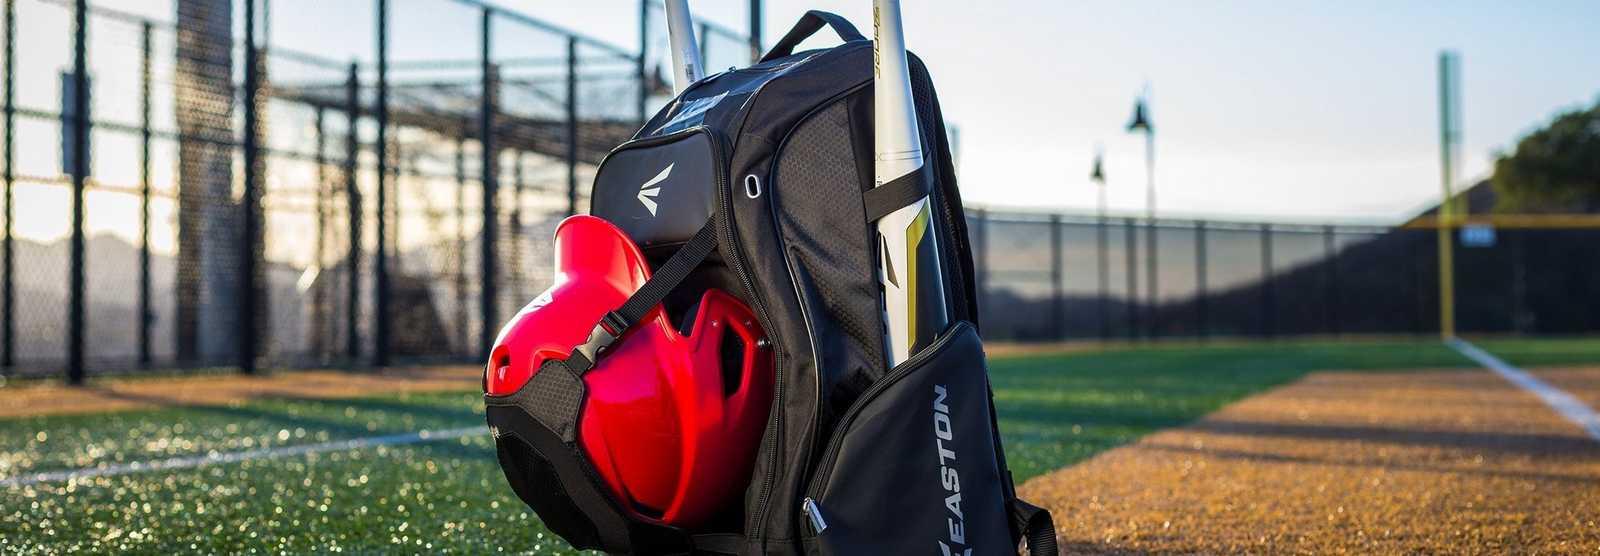 Easton Walk-Off Baseball Backpack